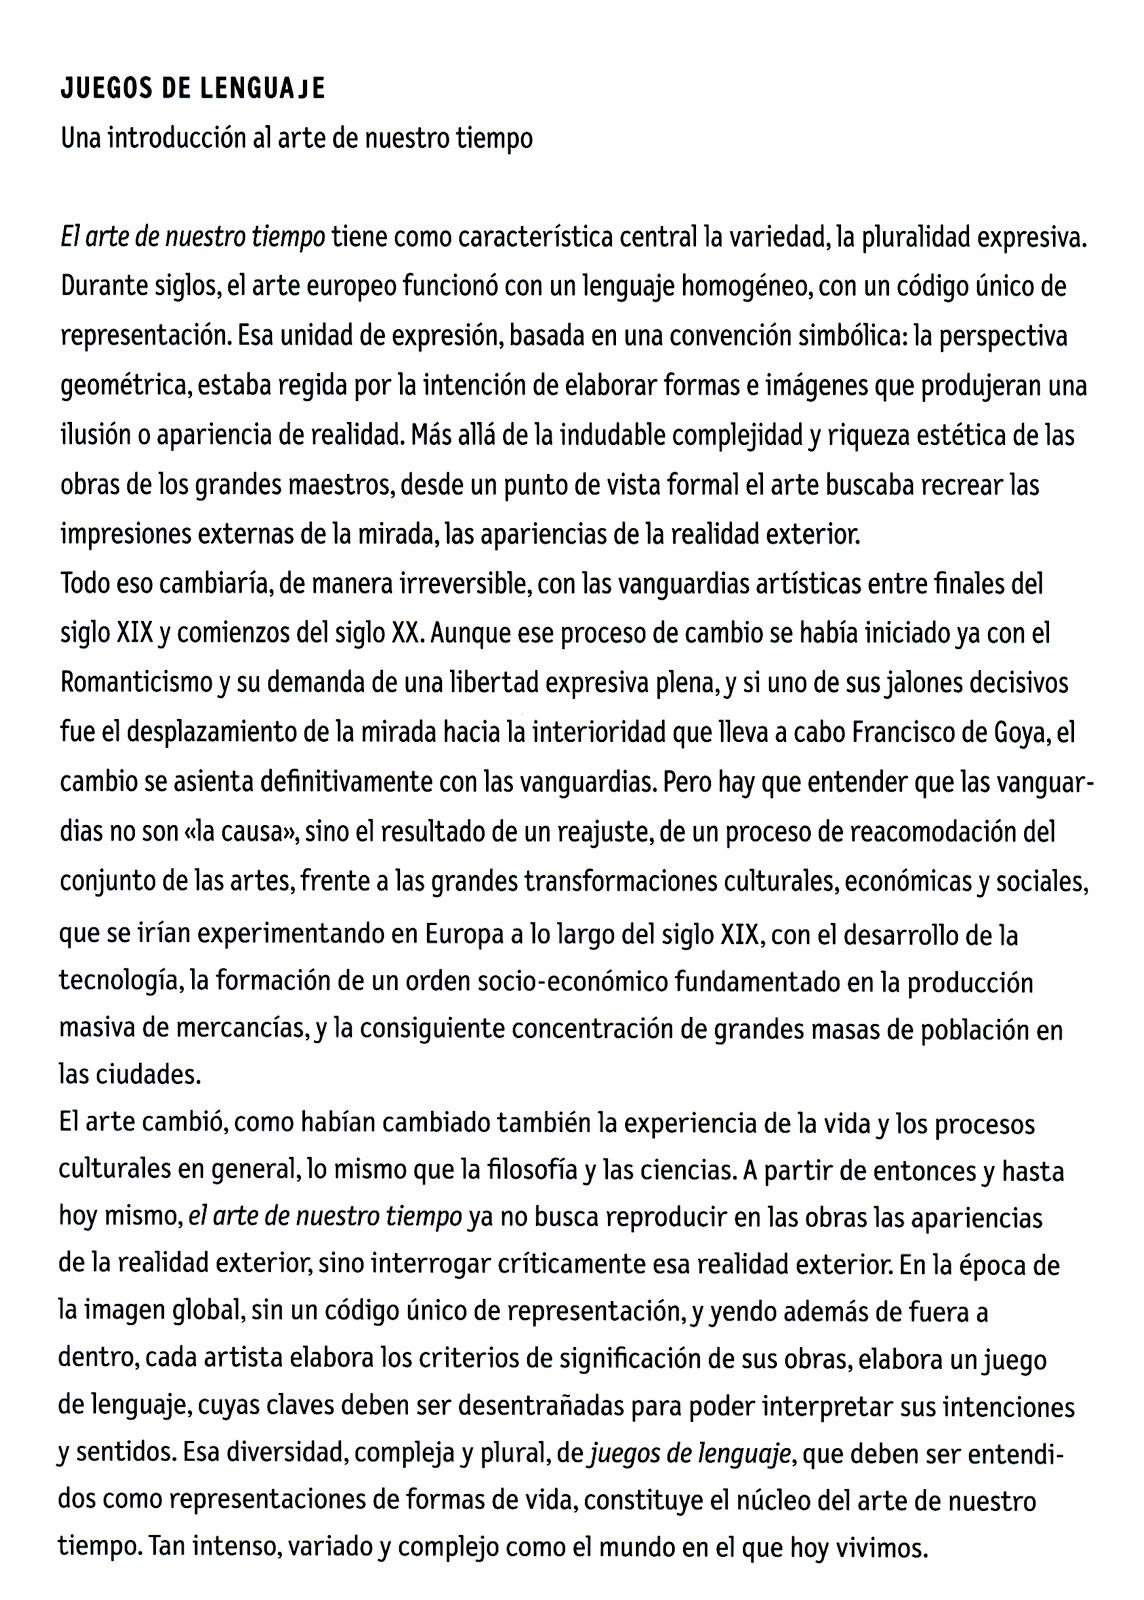 Cuerpo Y Tiempo Juegos De Lenguaje Exposicion En La